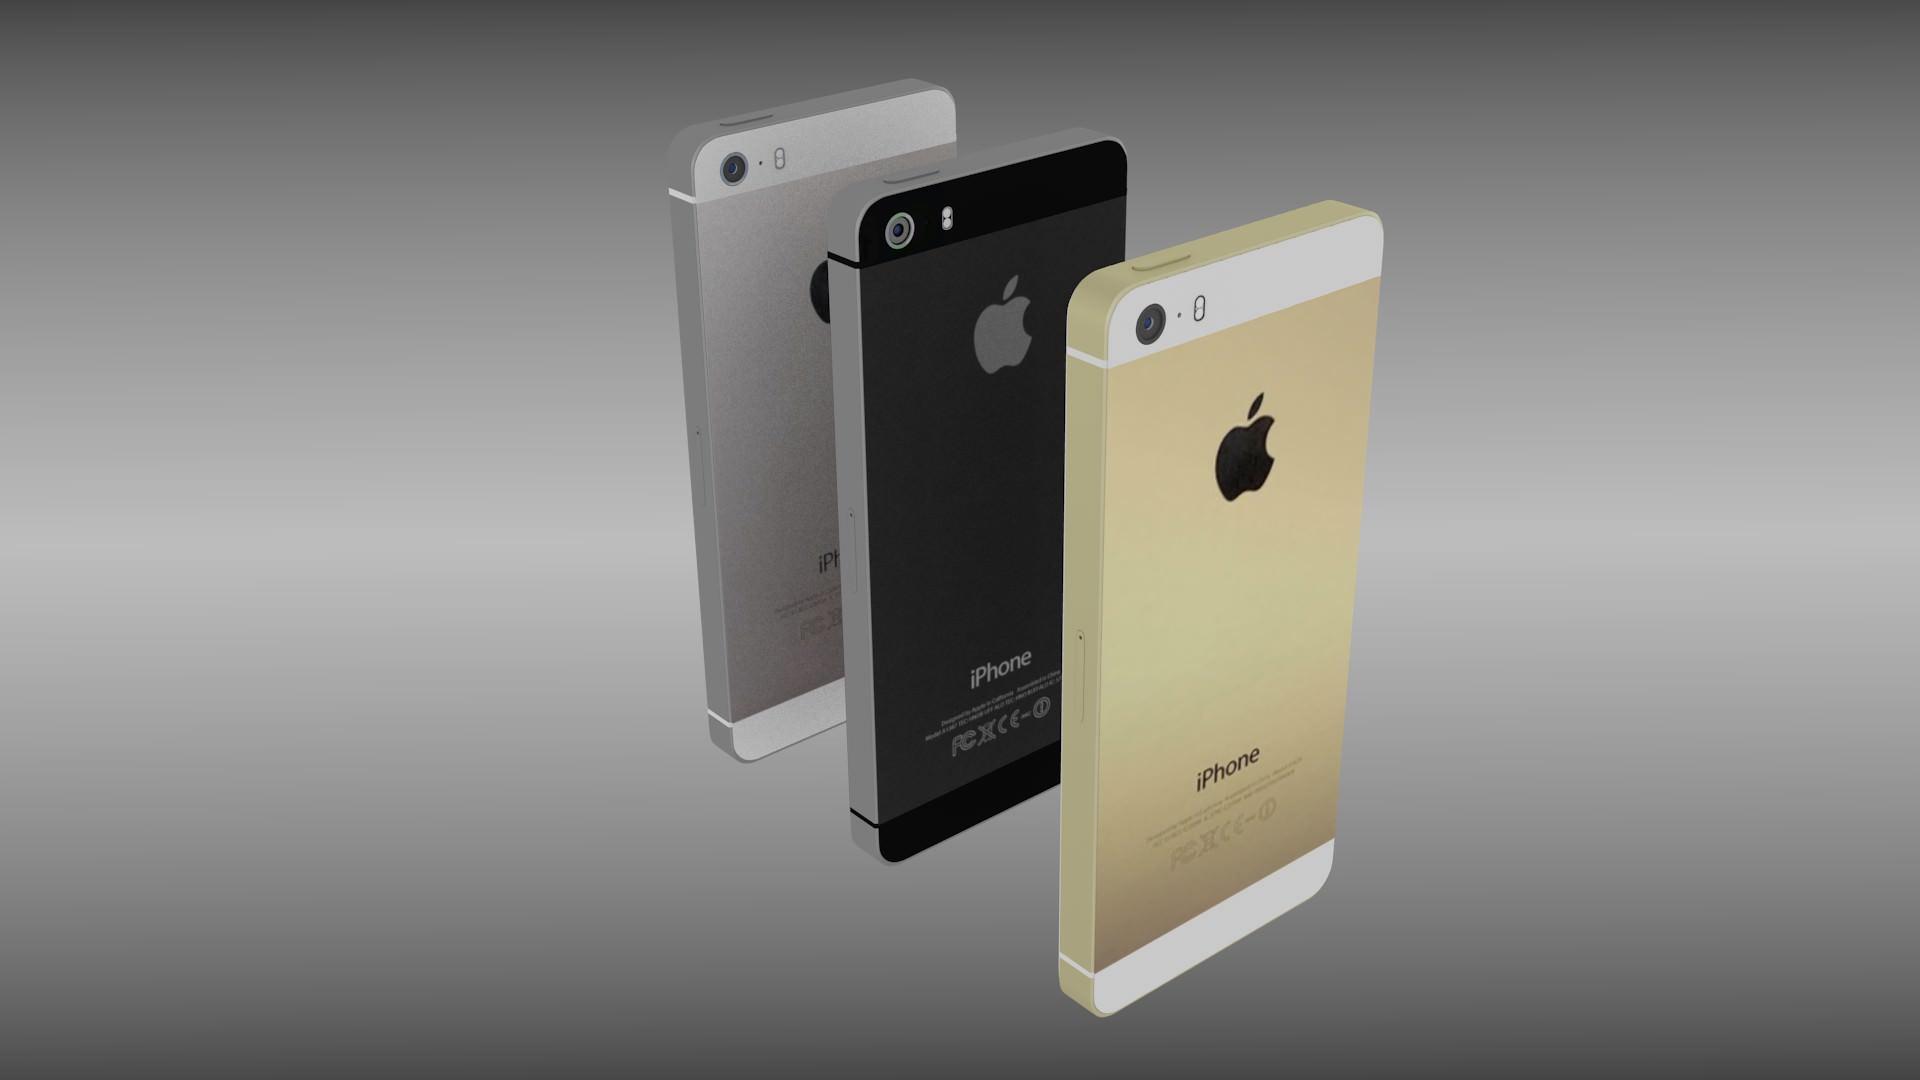 iphone 5s silver gray gold 3d model obj blend. Black Bedroom Furniture Sets. Home Design Ideas